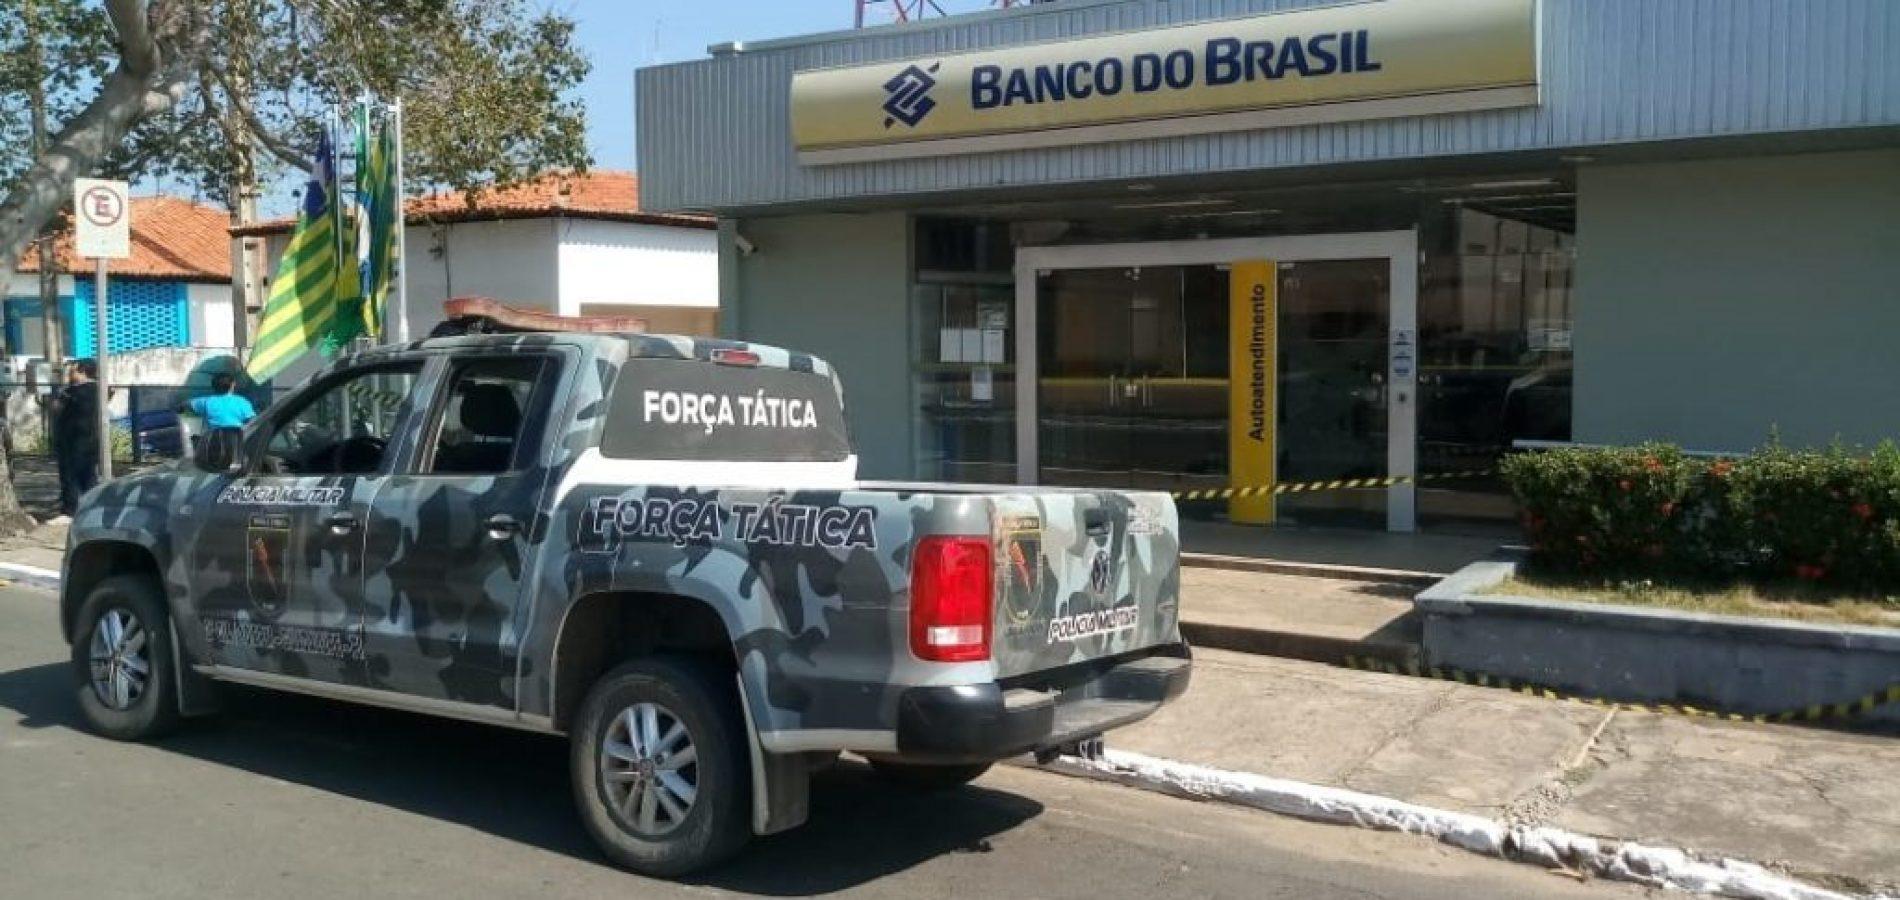 Banco do Brasil é alvo de ação criminosa em cidade no interior do Piauí